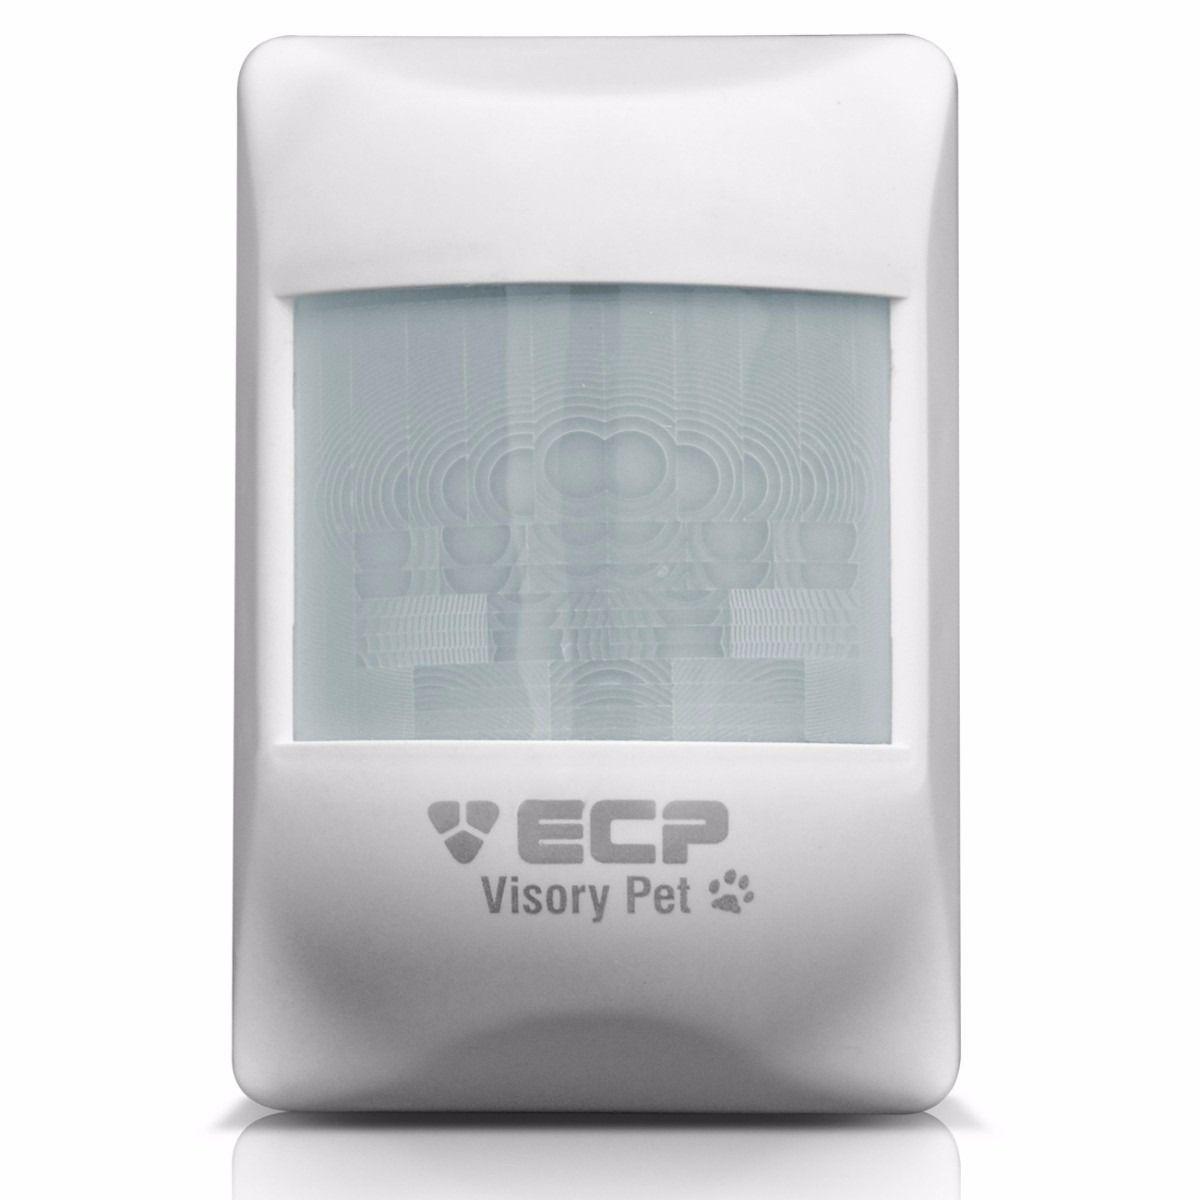 Sensor Infra ECP -  Passivo IVP Alarmes Visory Pet